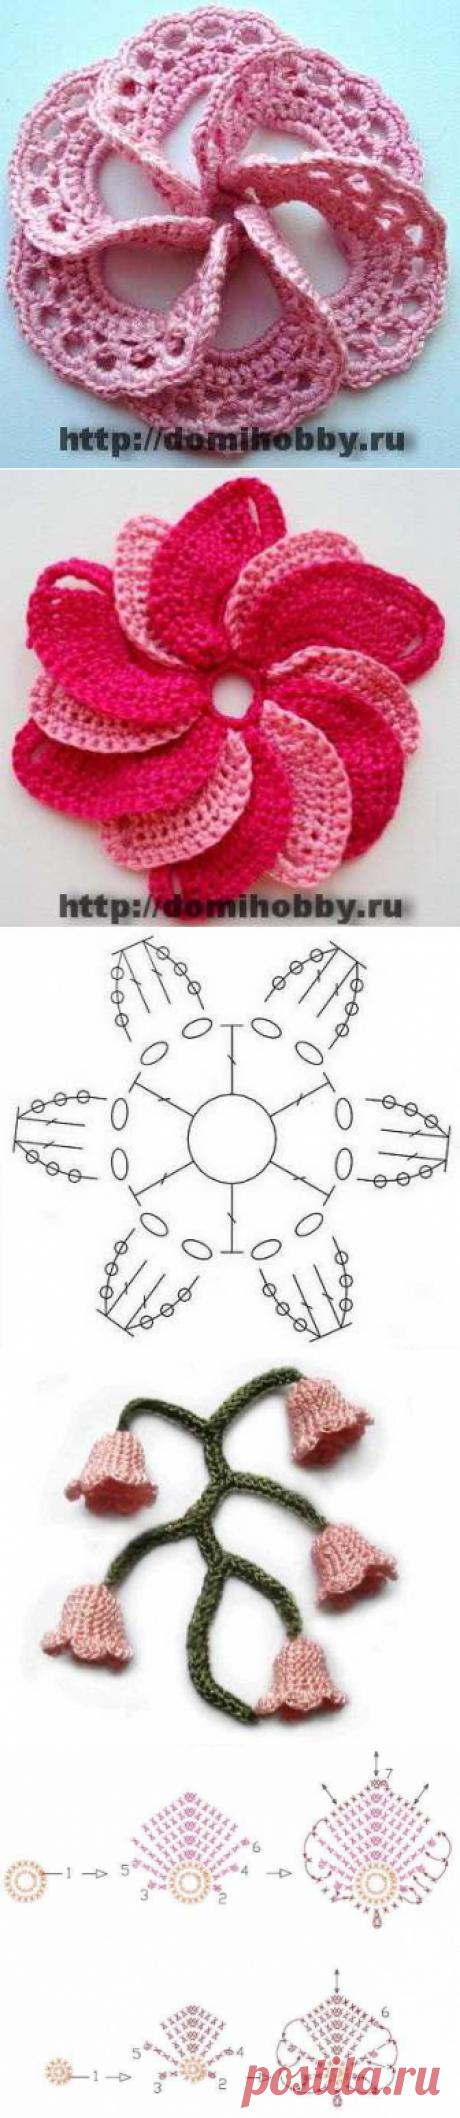 Вязаные объемные цветы крючком схемы с описанием мастер класс